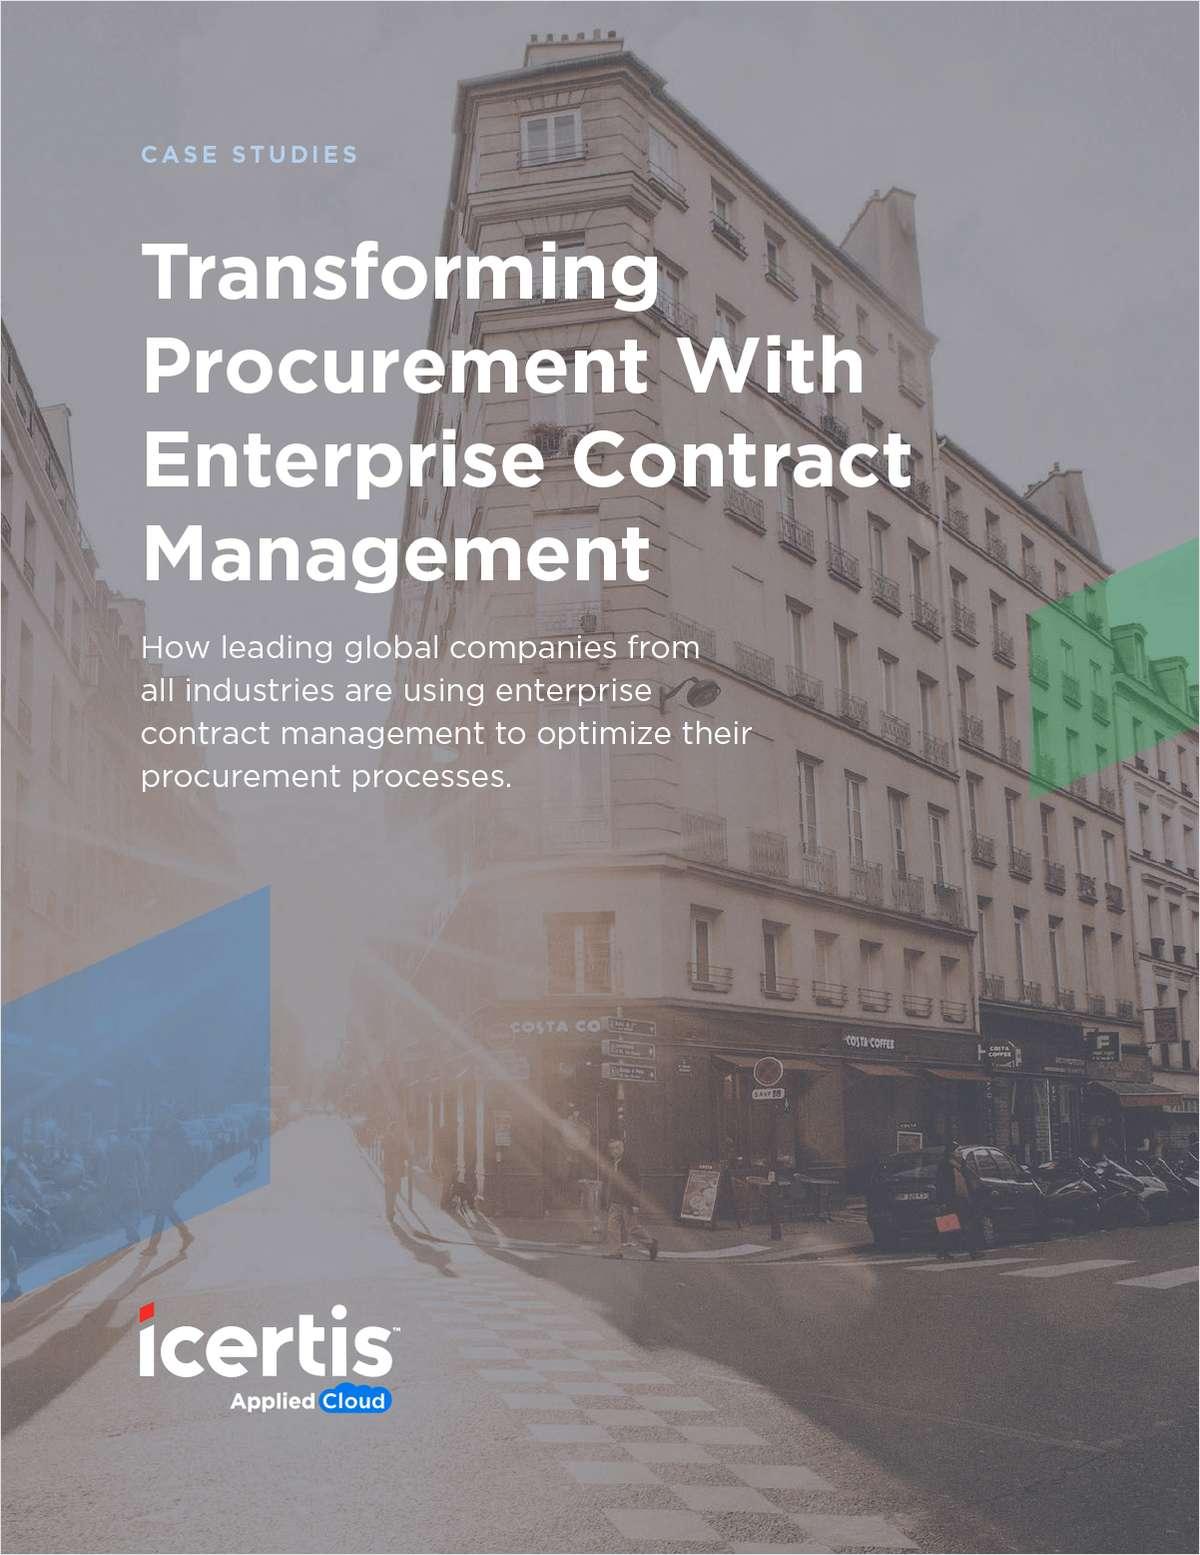 Transforming Procurement with Enterprise Contract Management